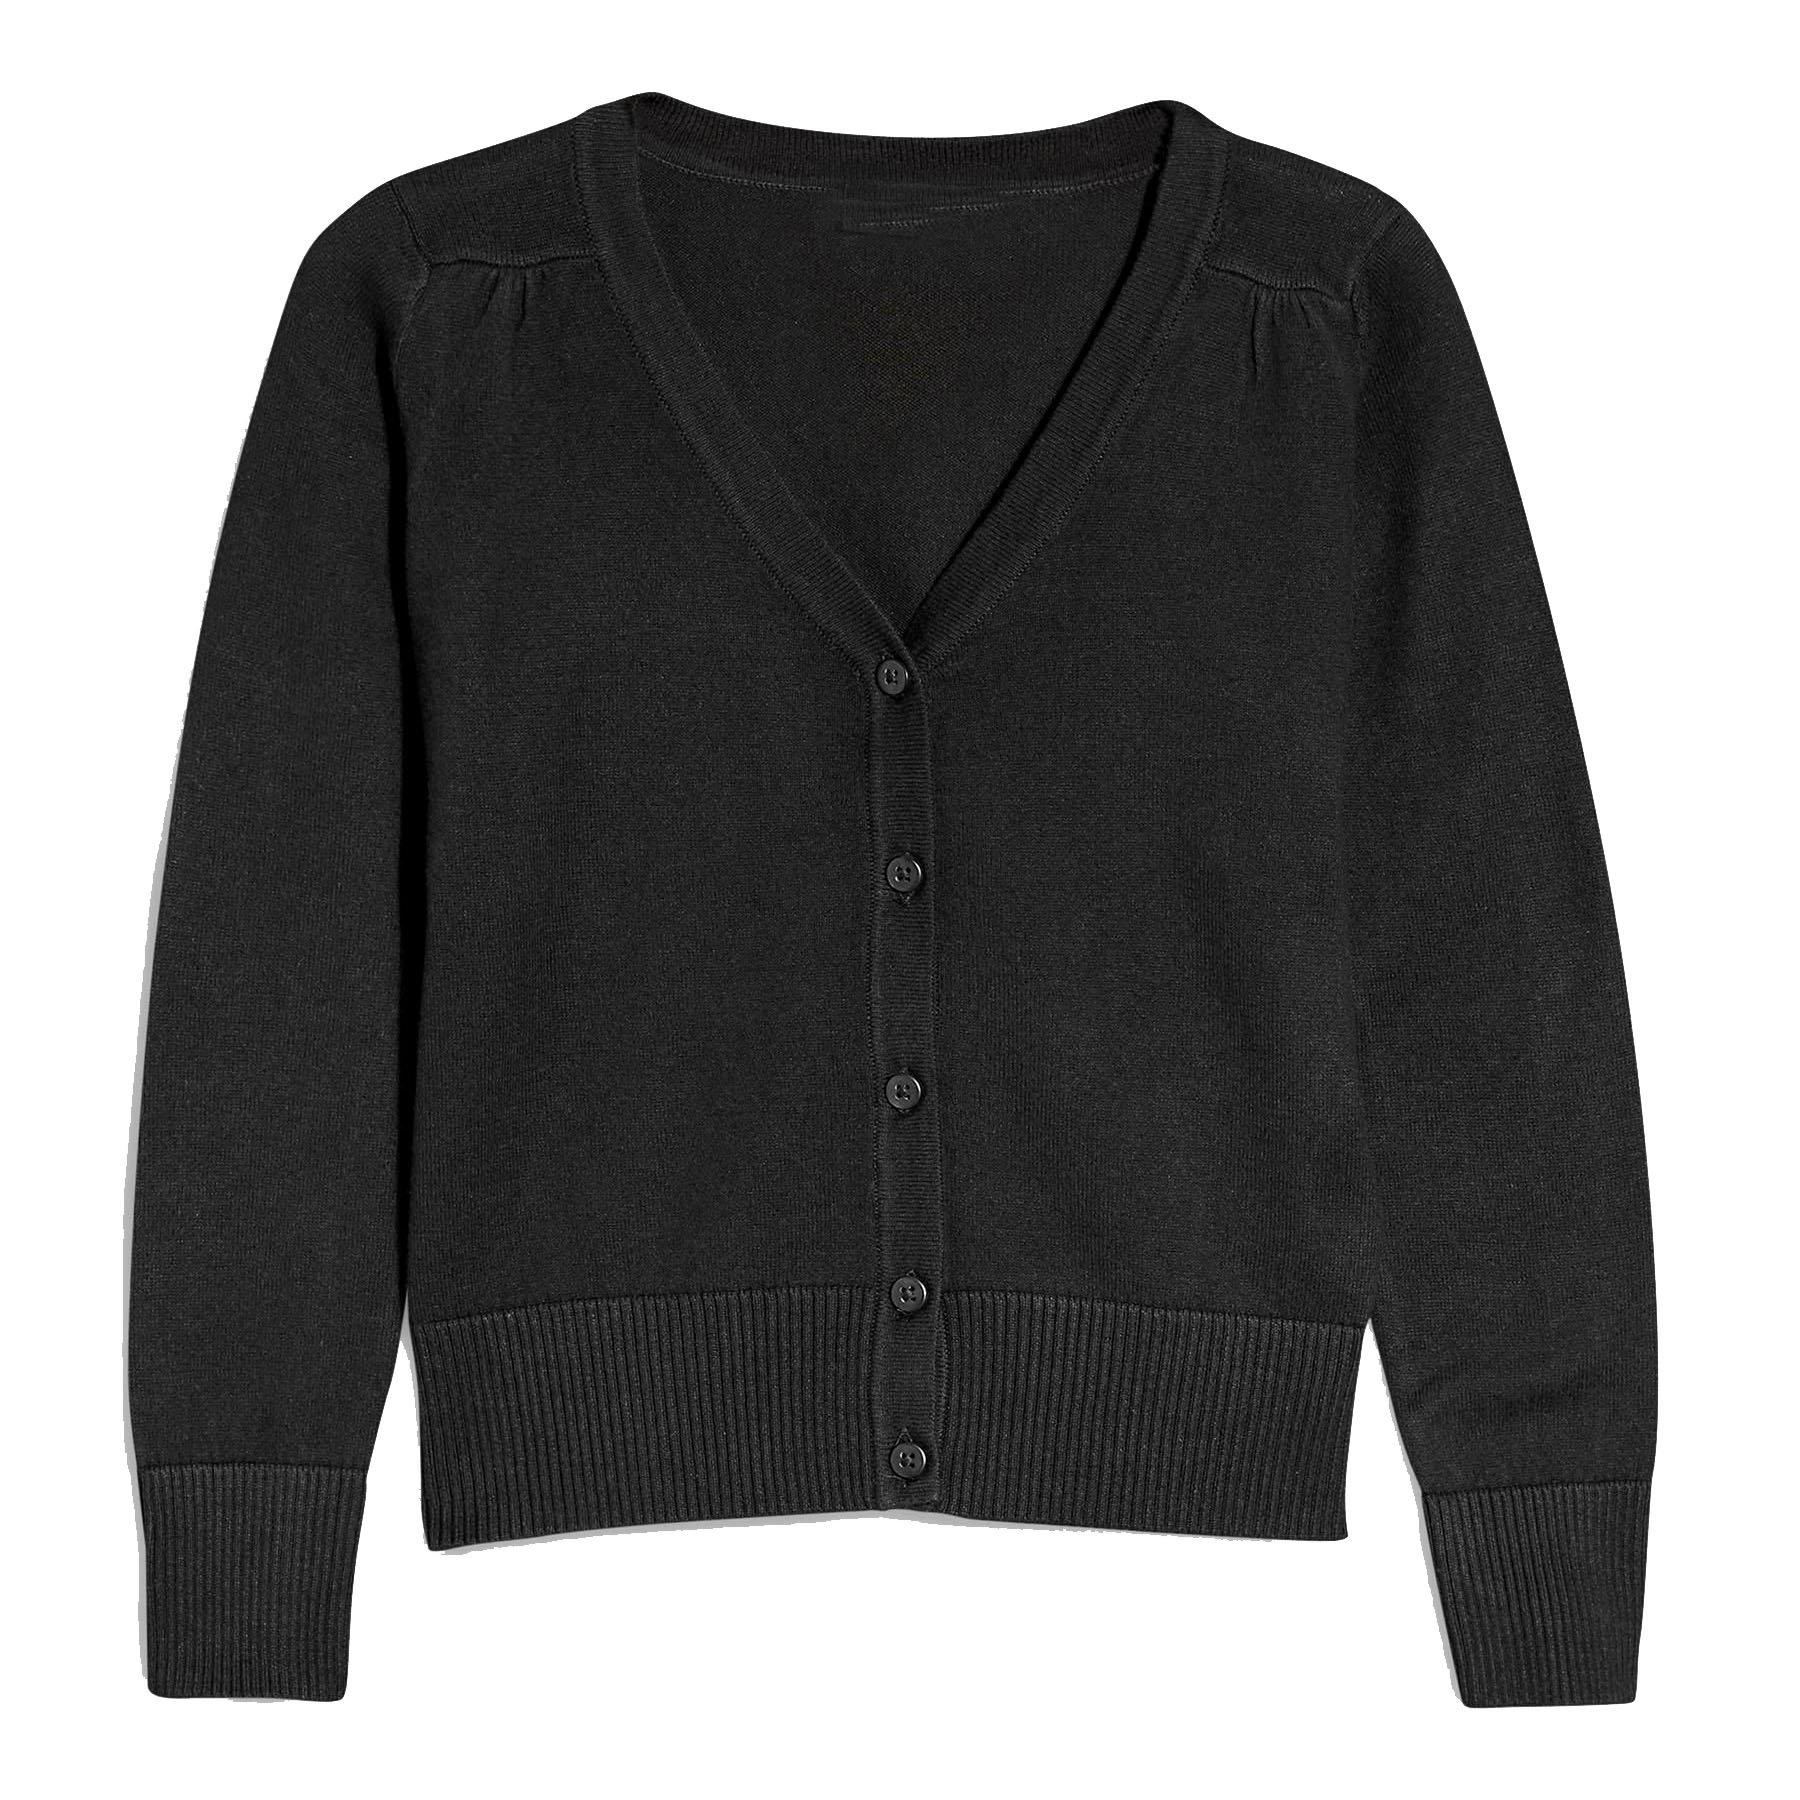 Hollywood Star Fashion Khanomak Kids Girls V Neck Cardigan Sweater (Size 9/10, Black)